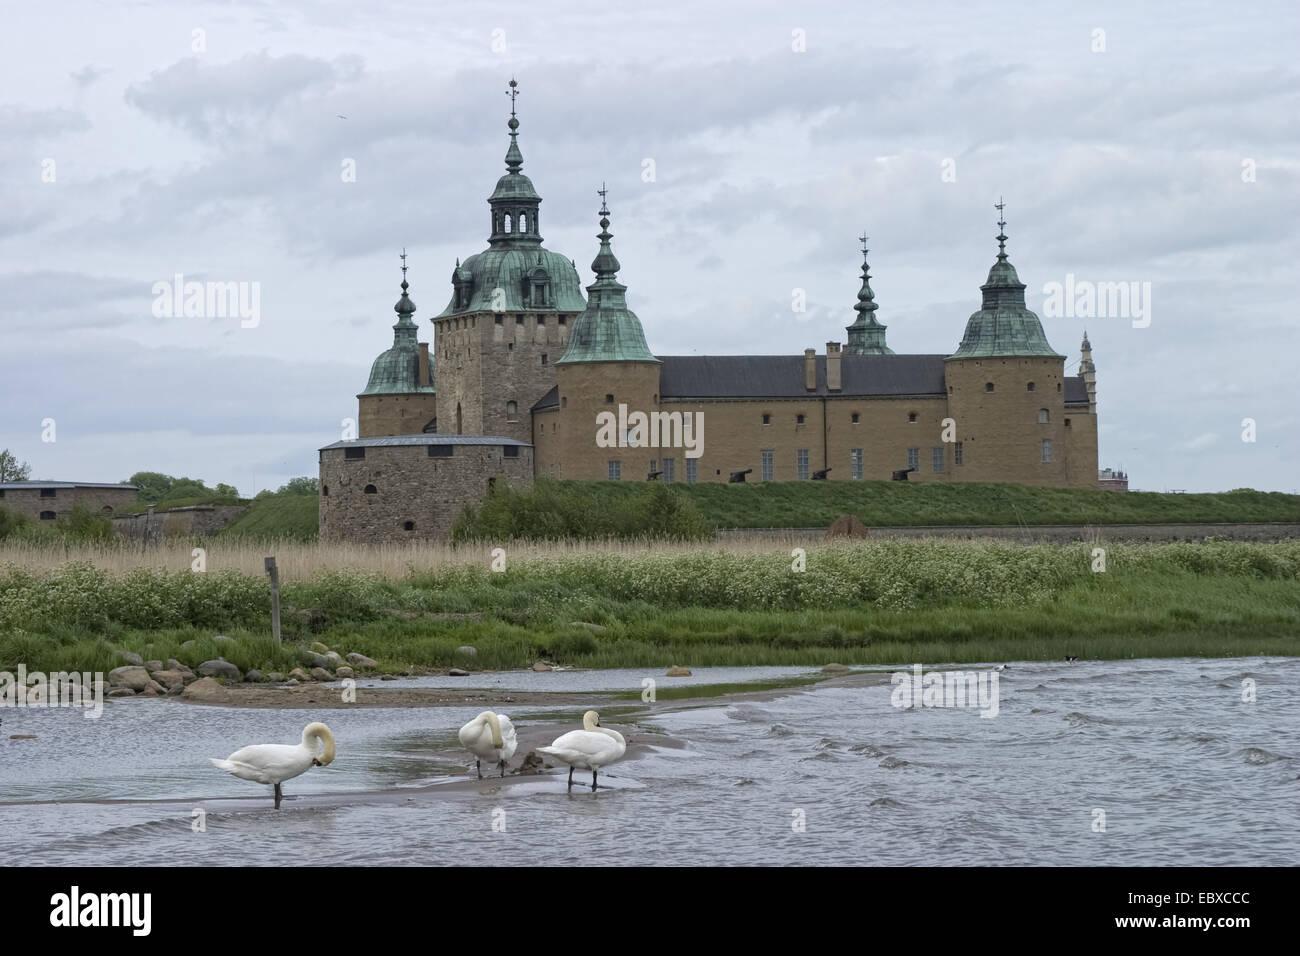 mute swan (Cygnus olor), Kalmar Castle, Sweden, Kalmar - Stock Image